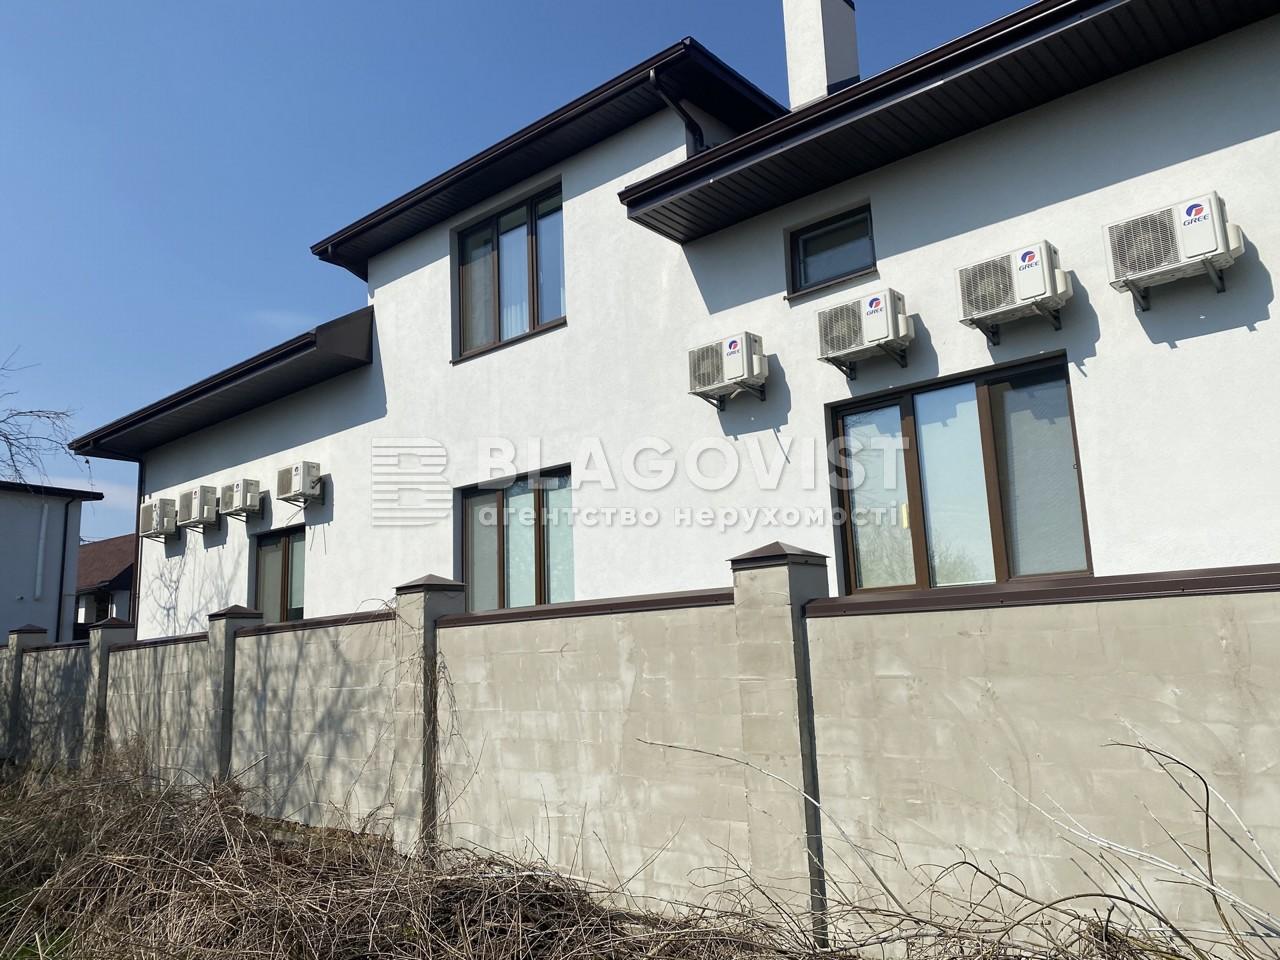 Земельный участок A-112228, Боярская, Вита-Почтовая - Фото 1